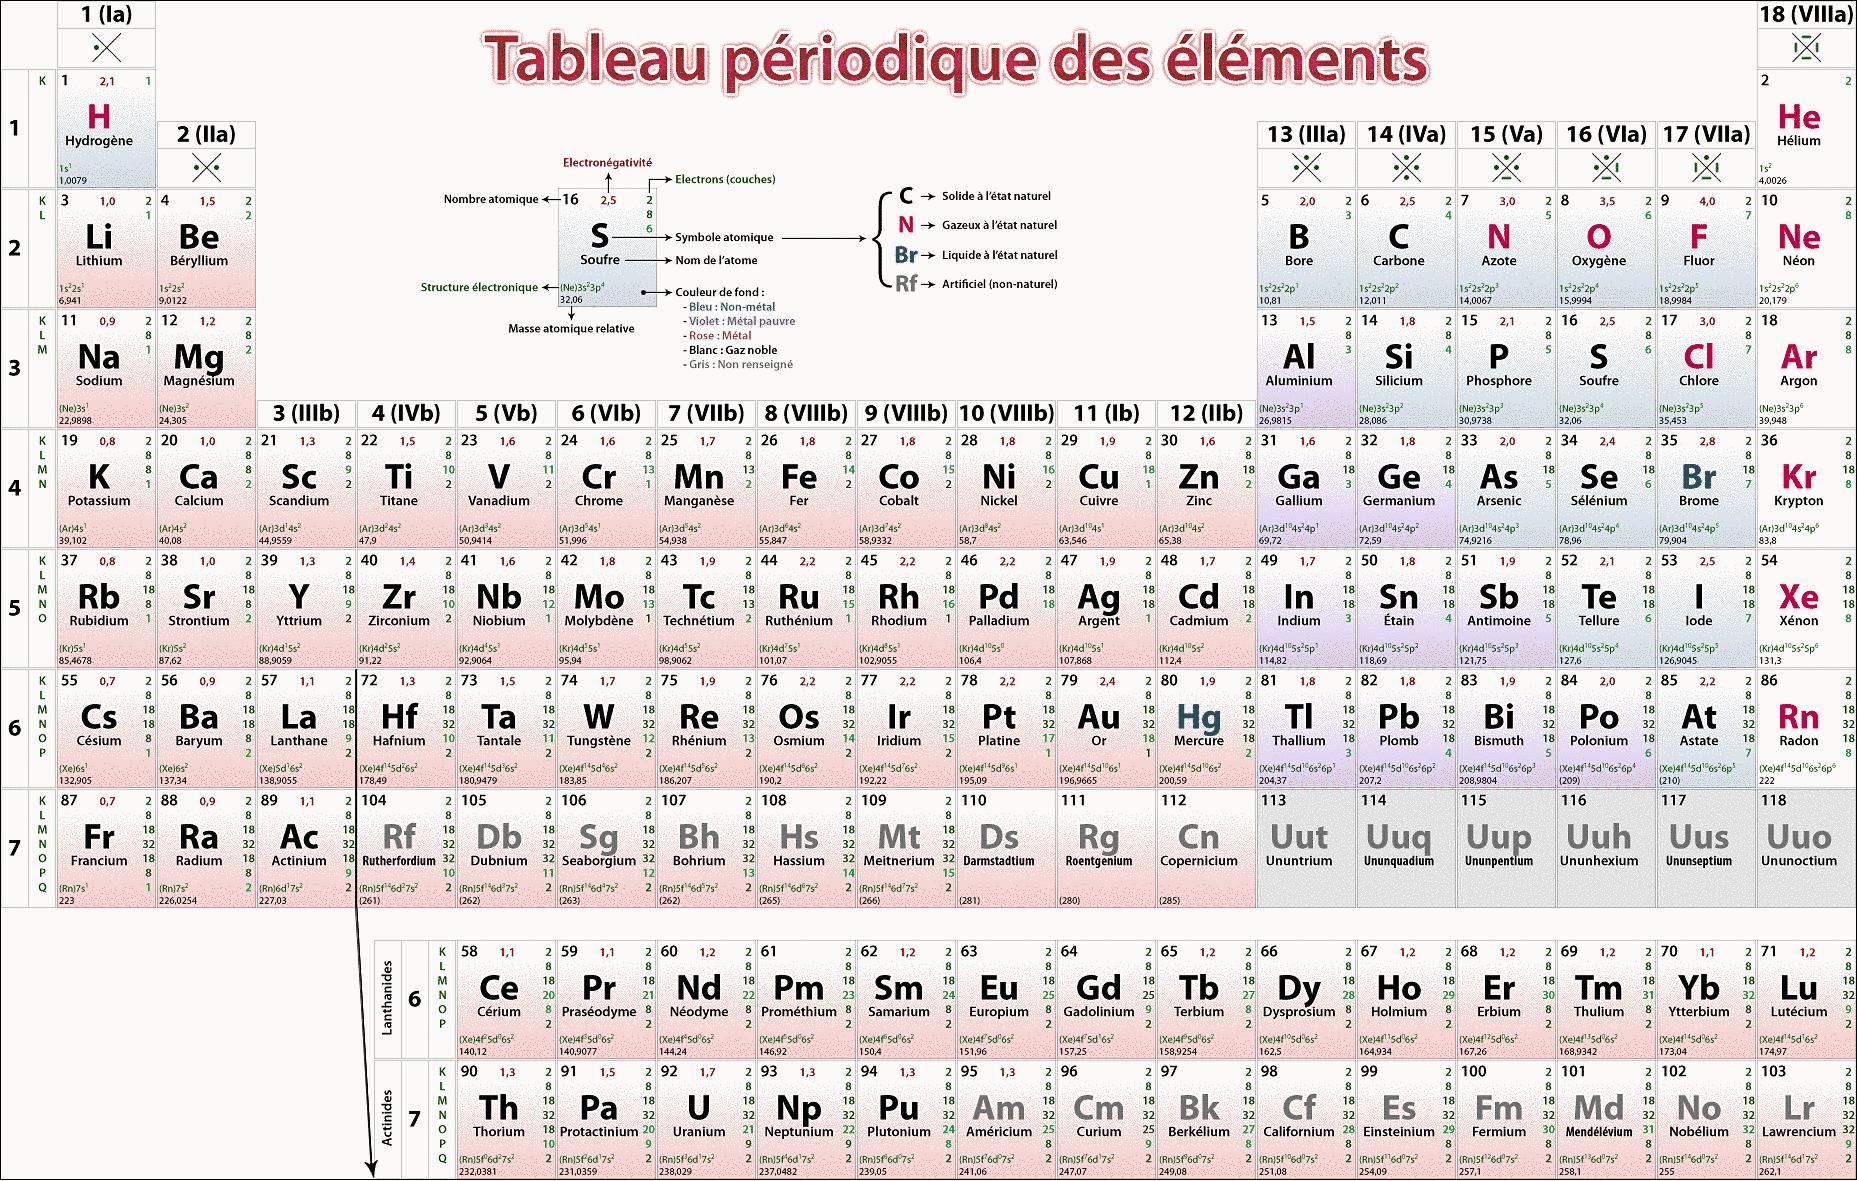 Tableau p riodique des l ments for Tableau elements